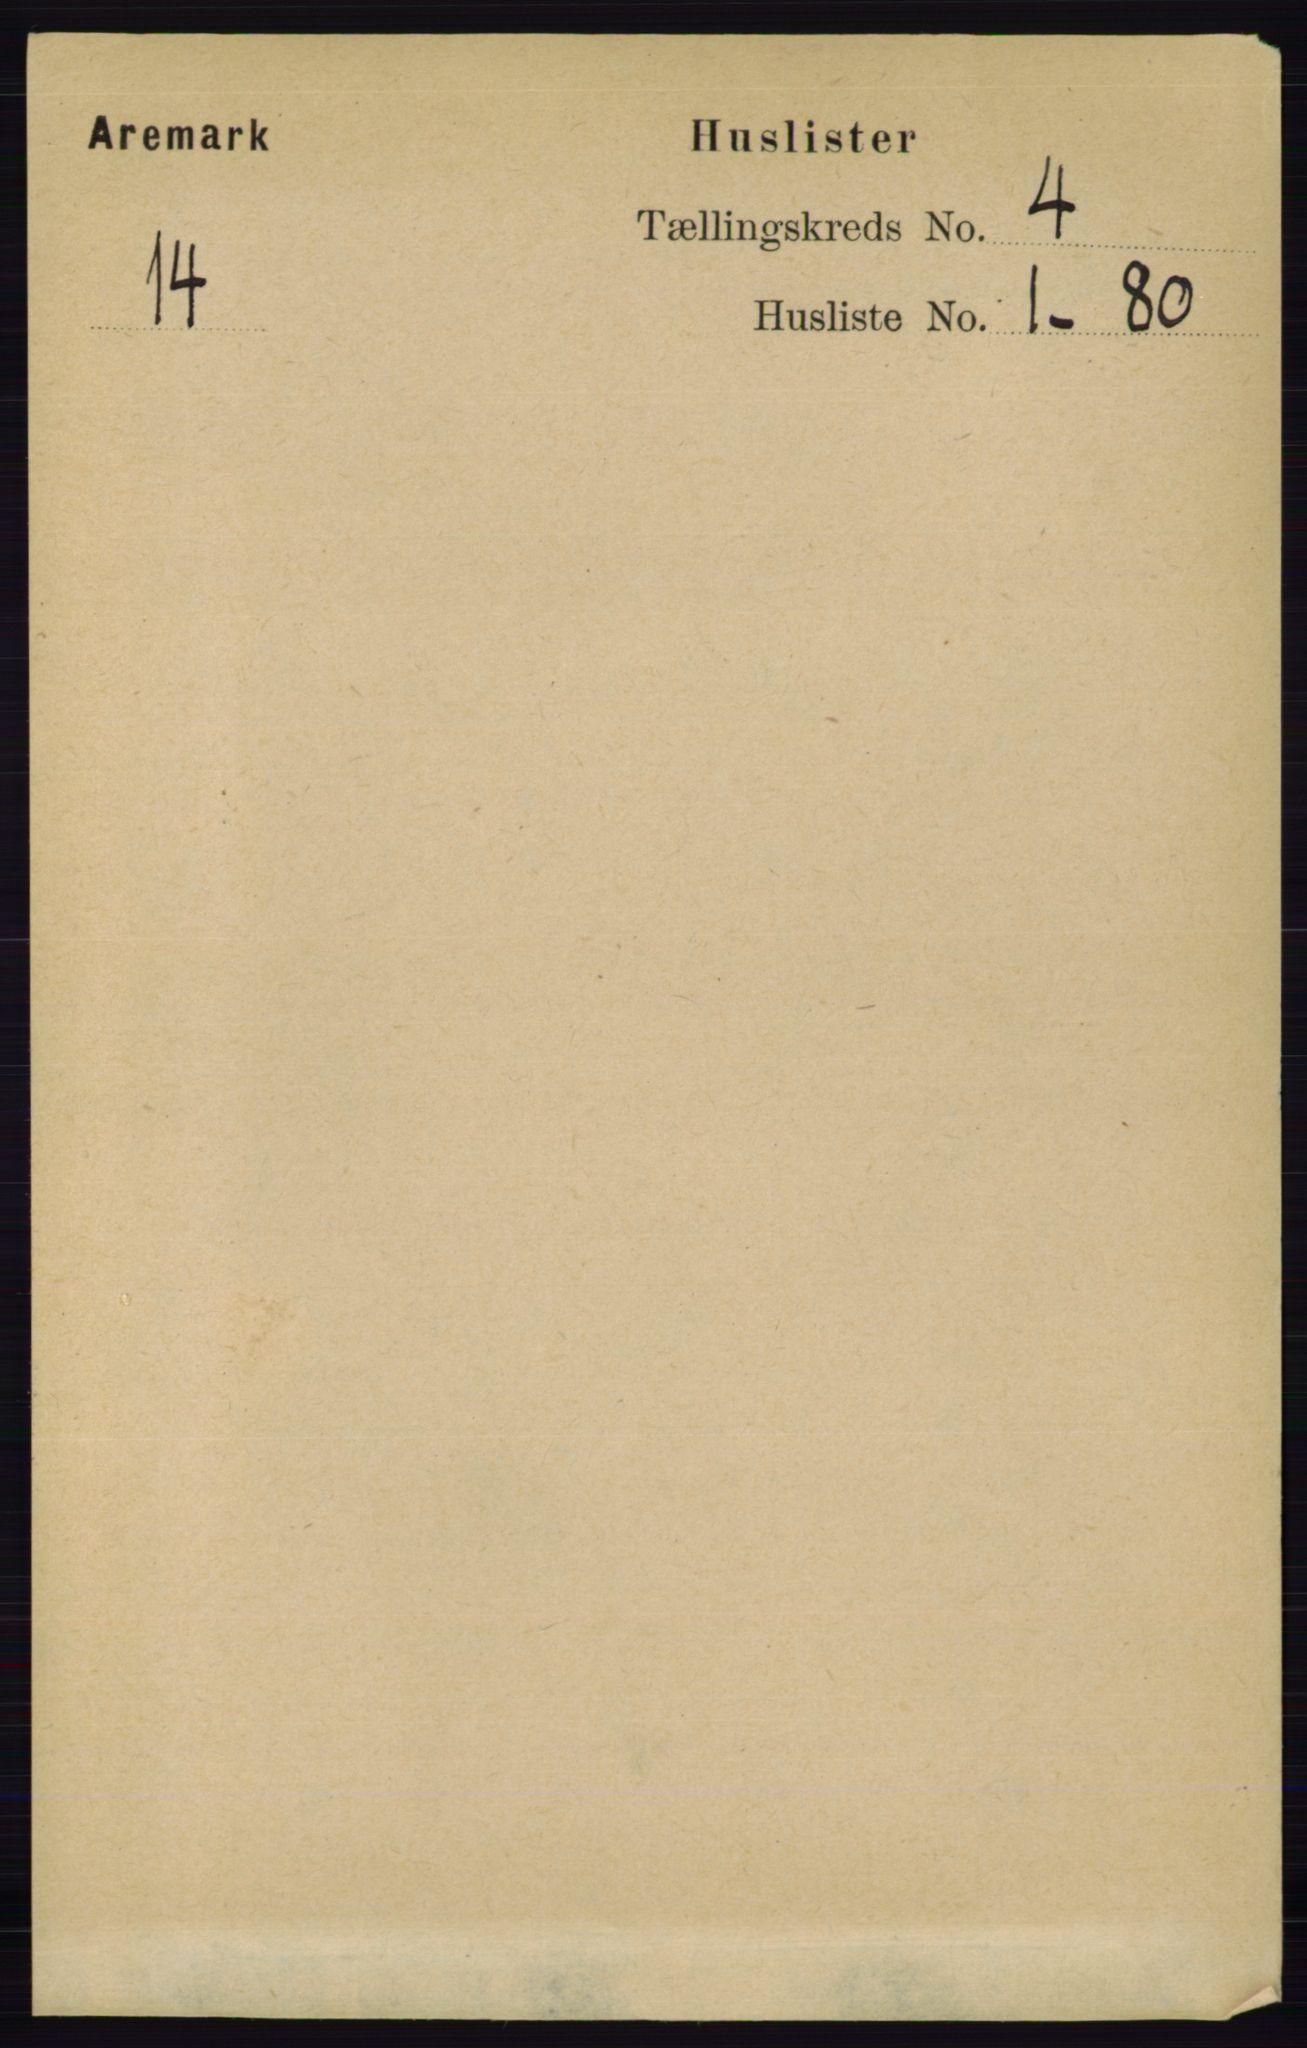 RA, Folketelling 1891 for 0118 Aremark herred, 1891, s. 1829